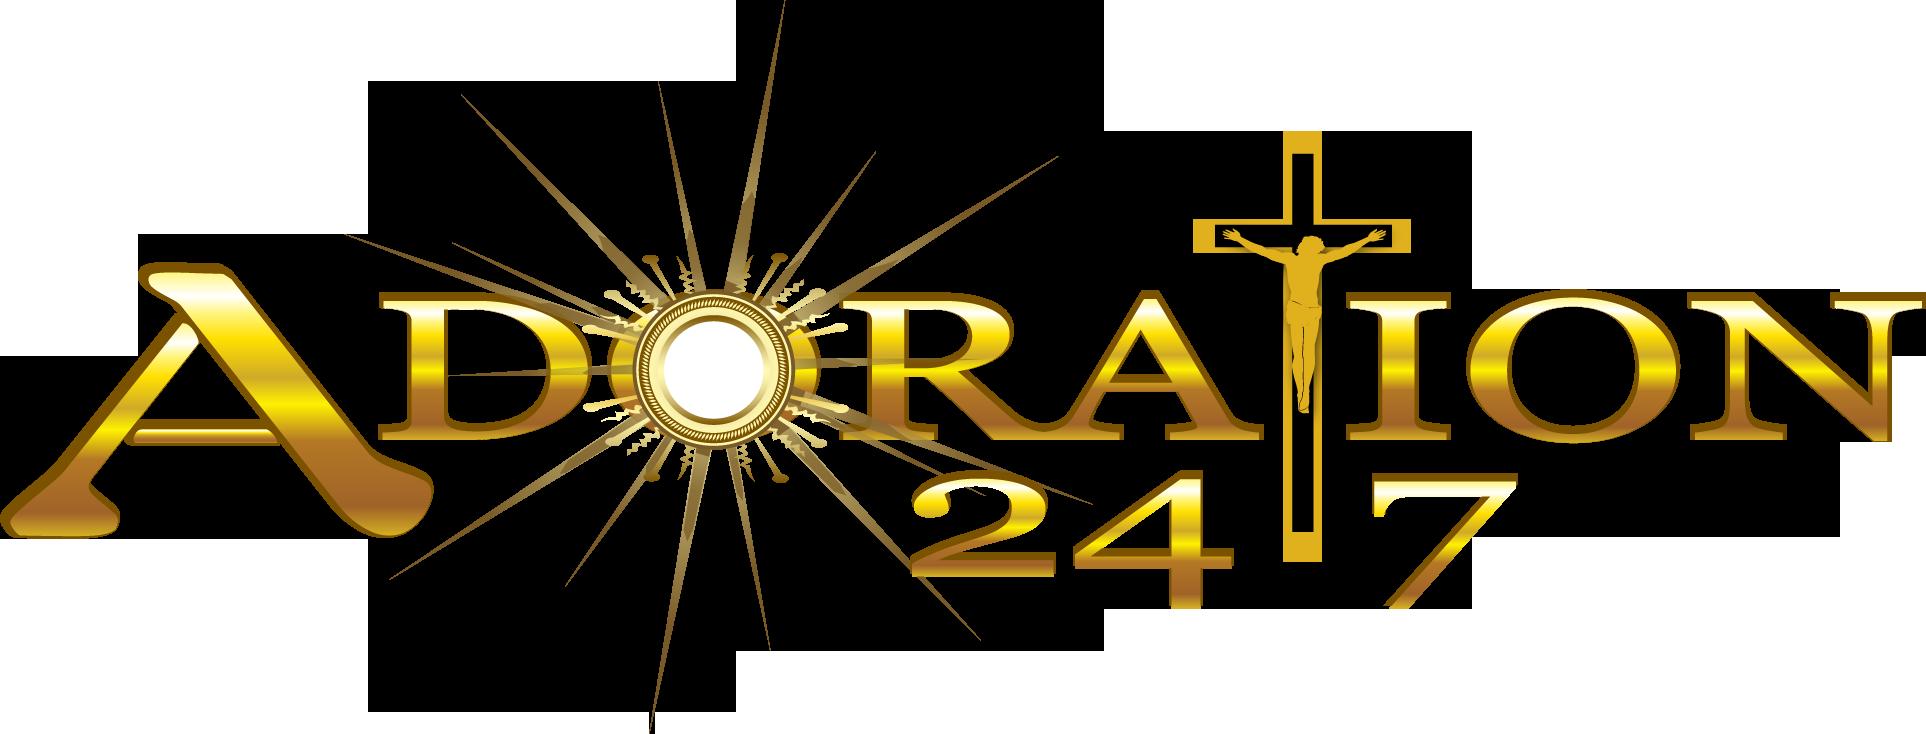 Adoration 247